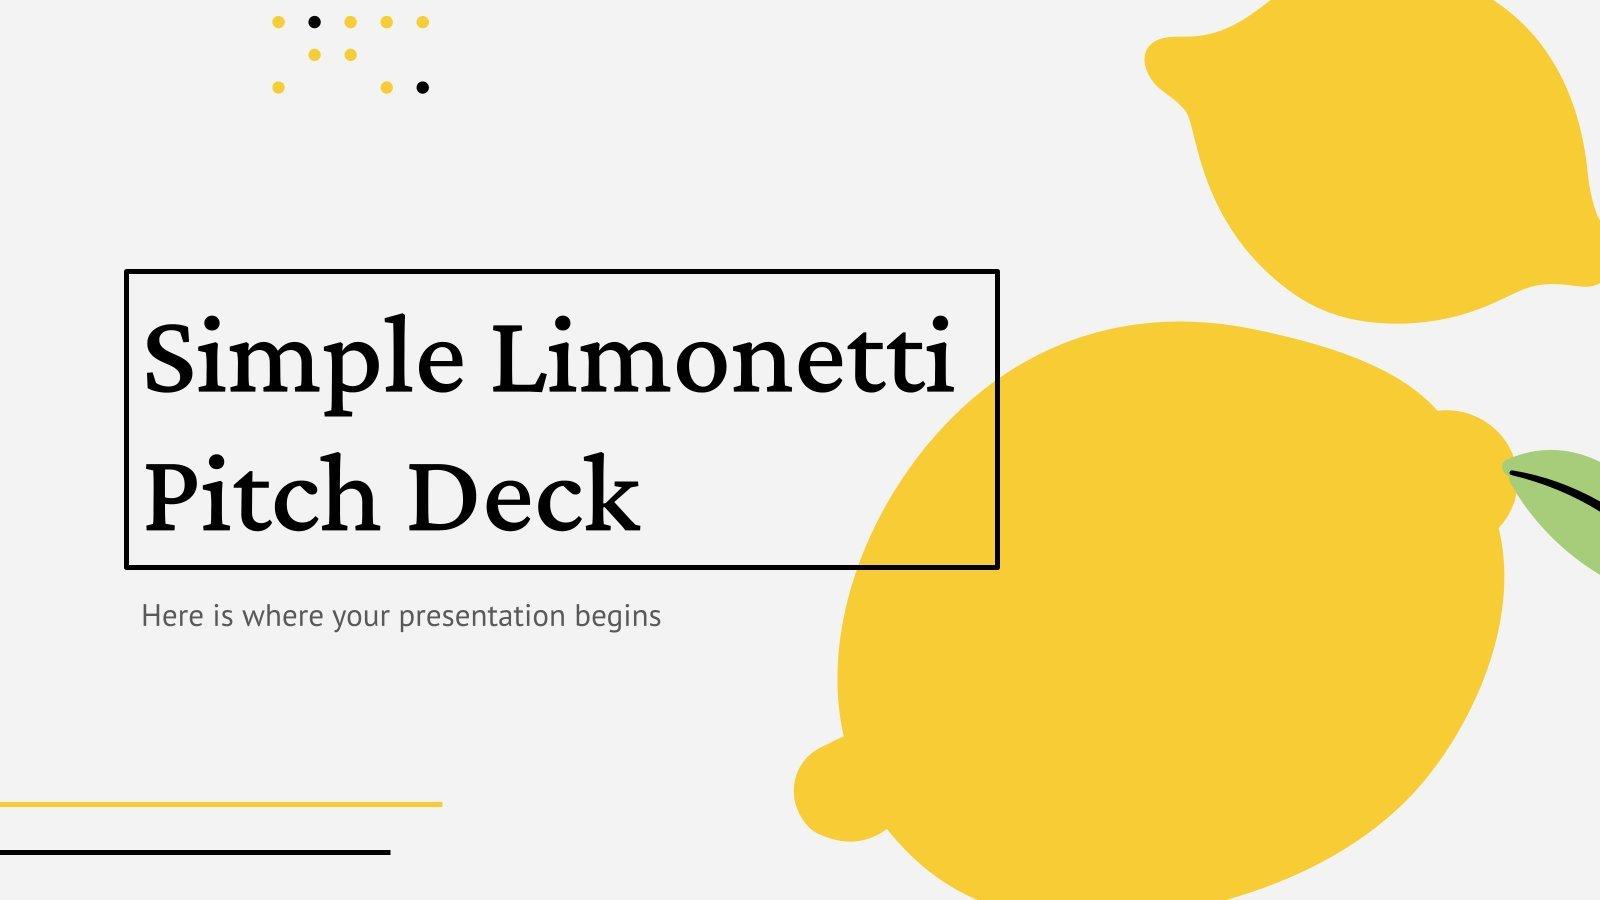 Modelo de apresentação Pitch deck simples Limonetti